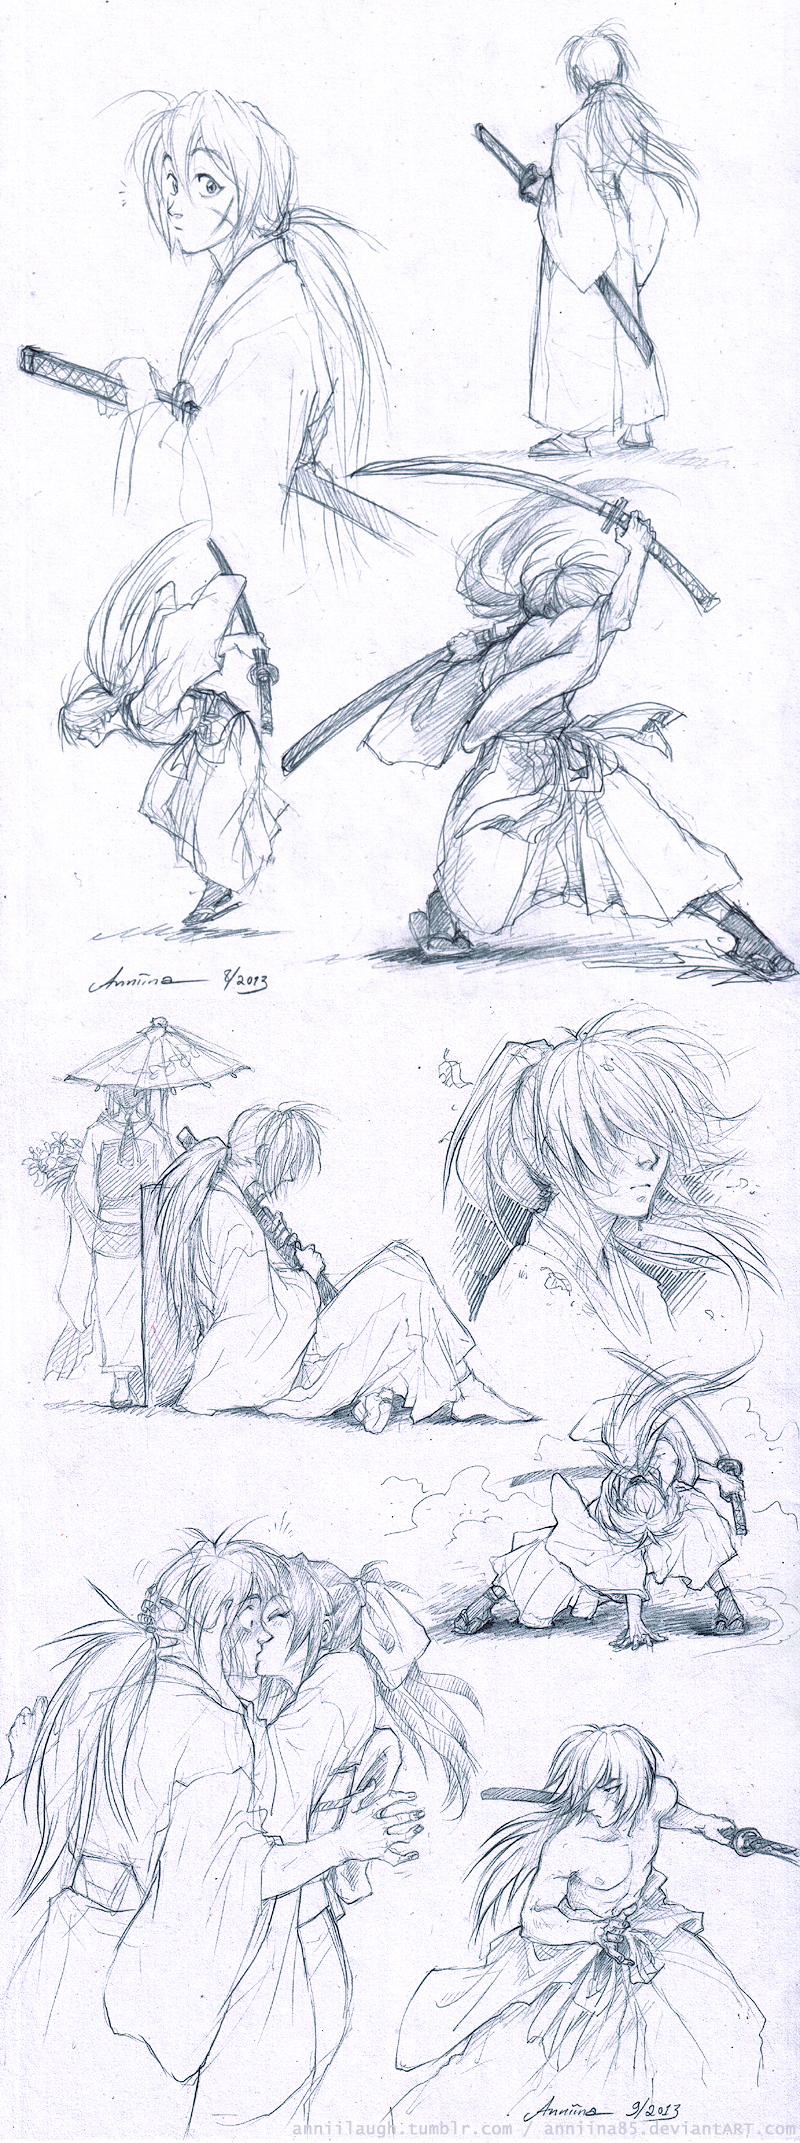 RuroKen sketches by Anniina85